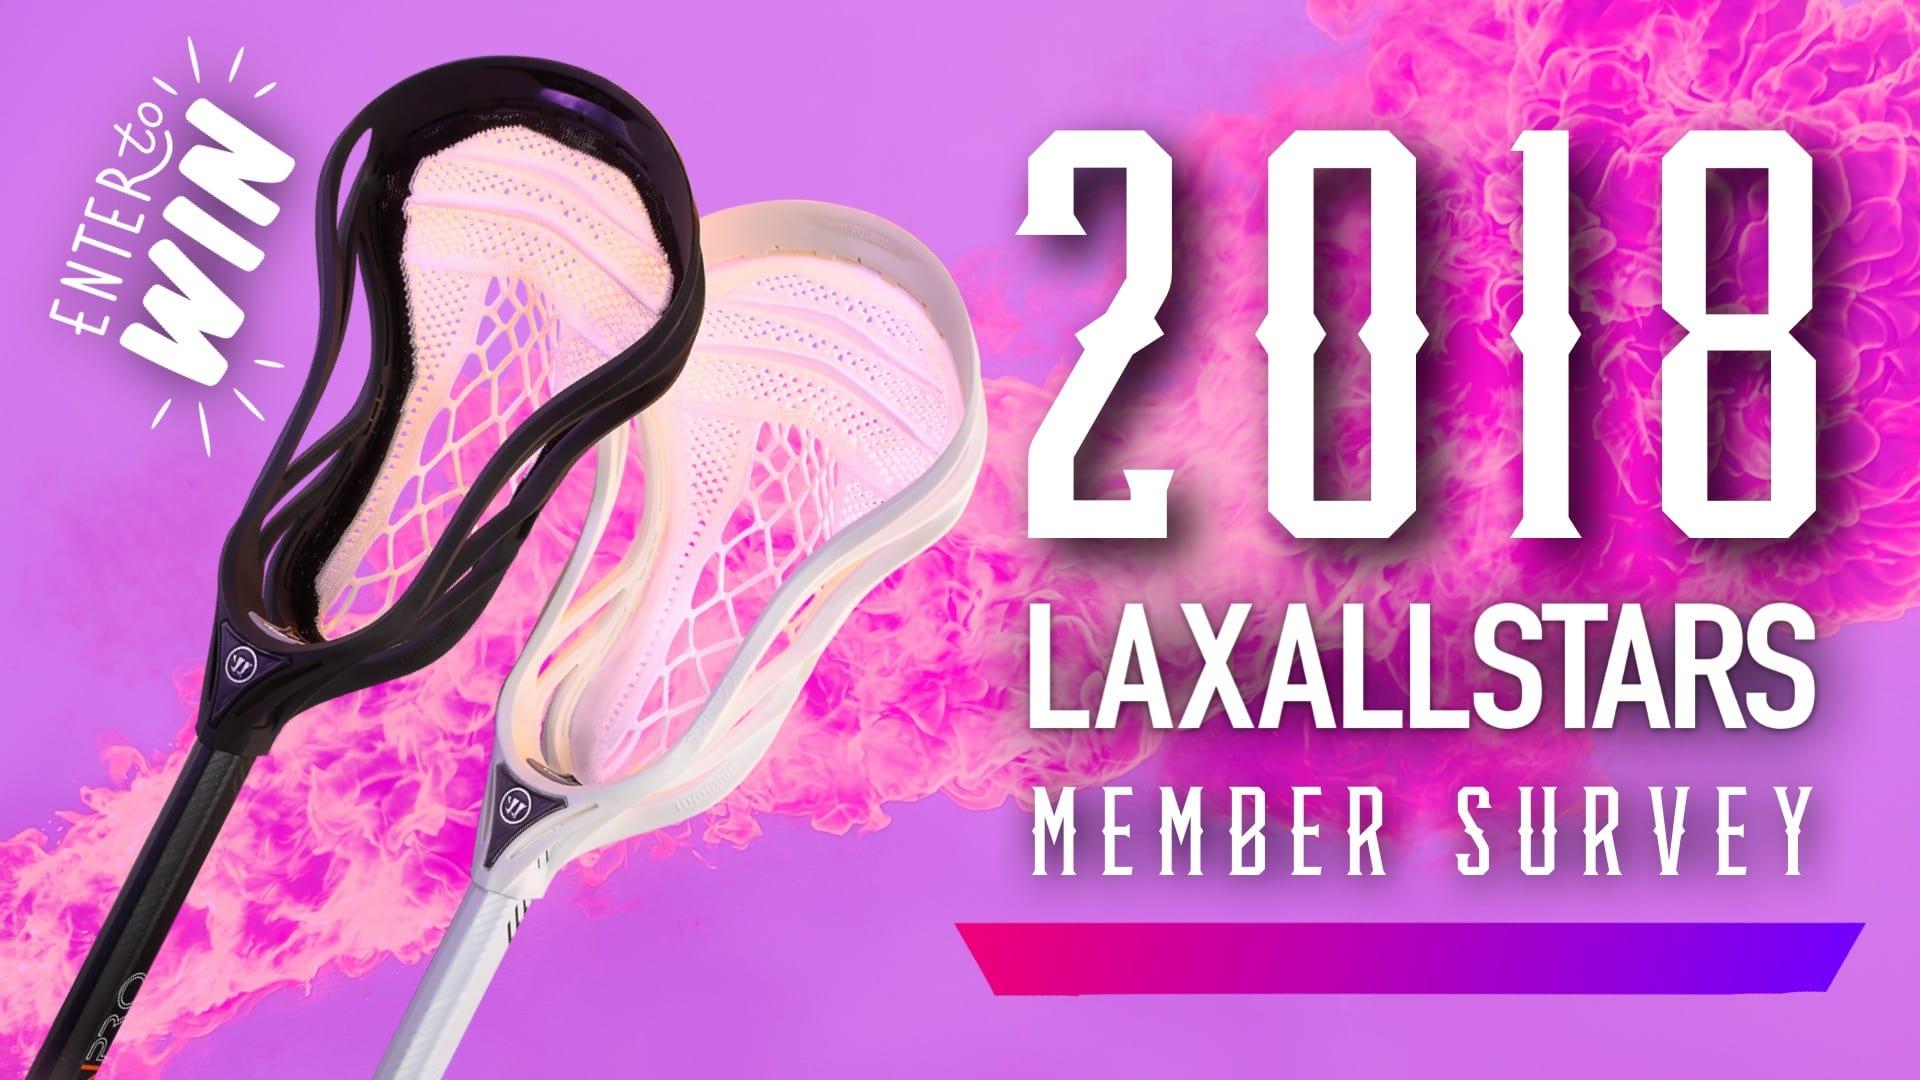 LaxAllStars 2018 member survey